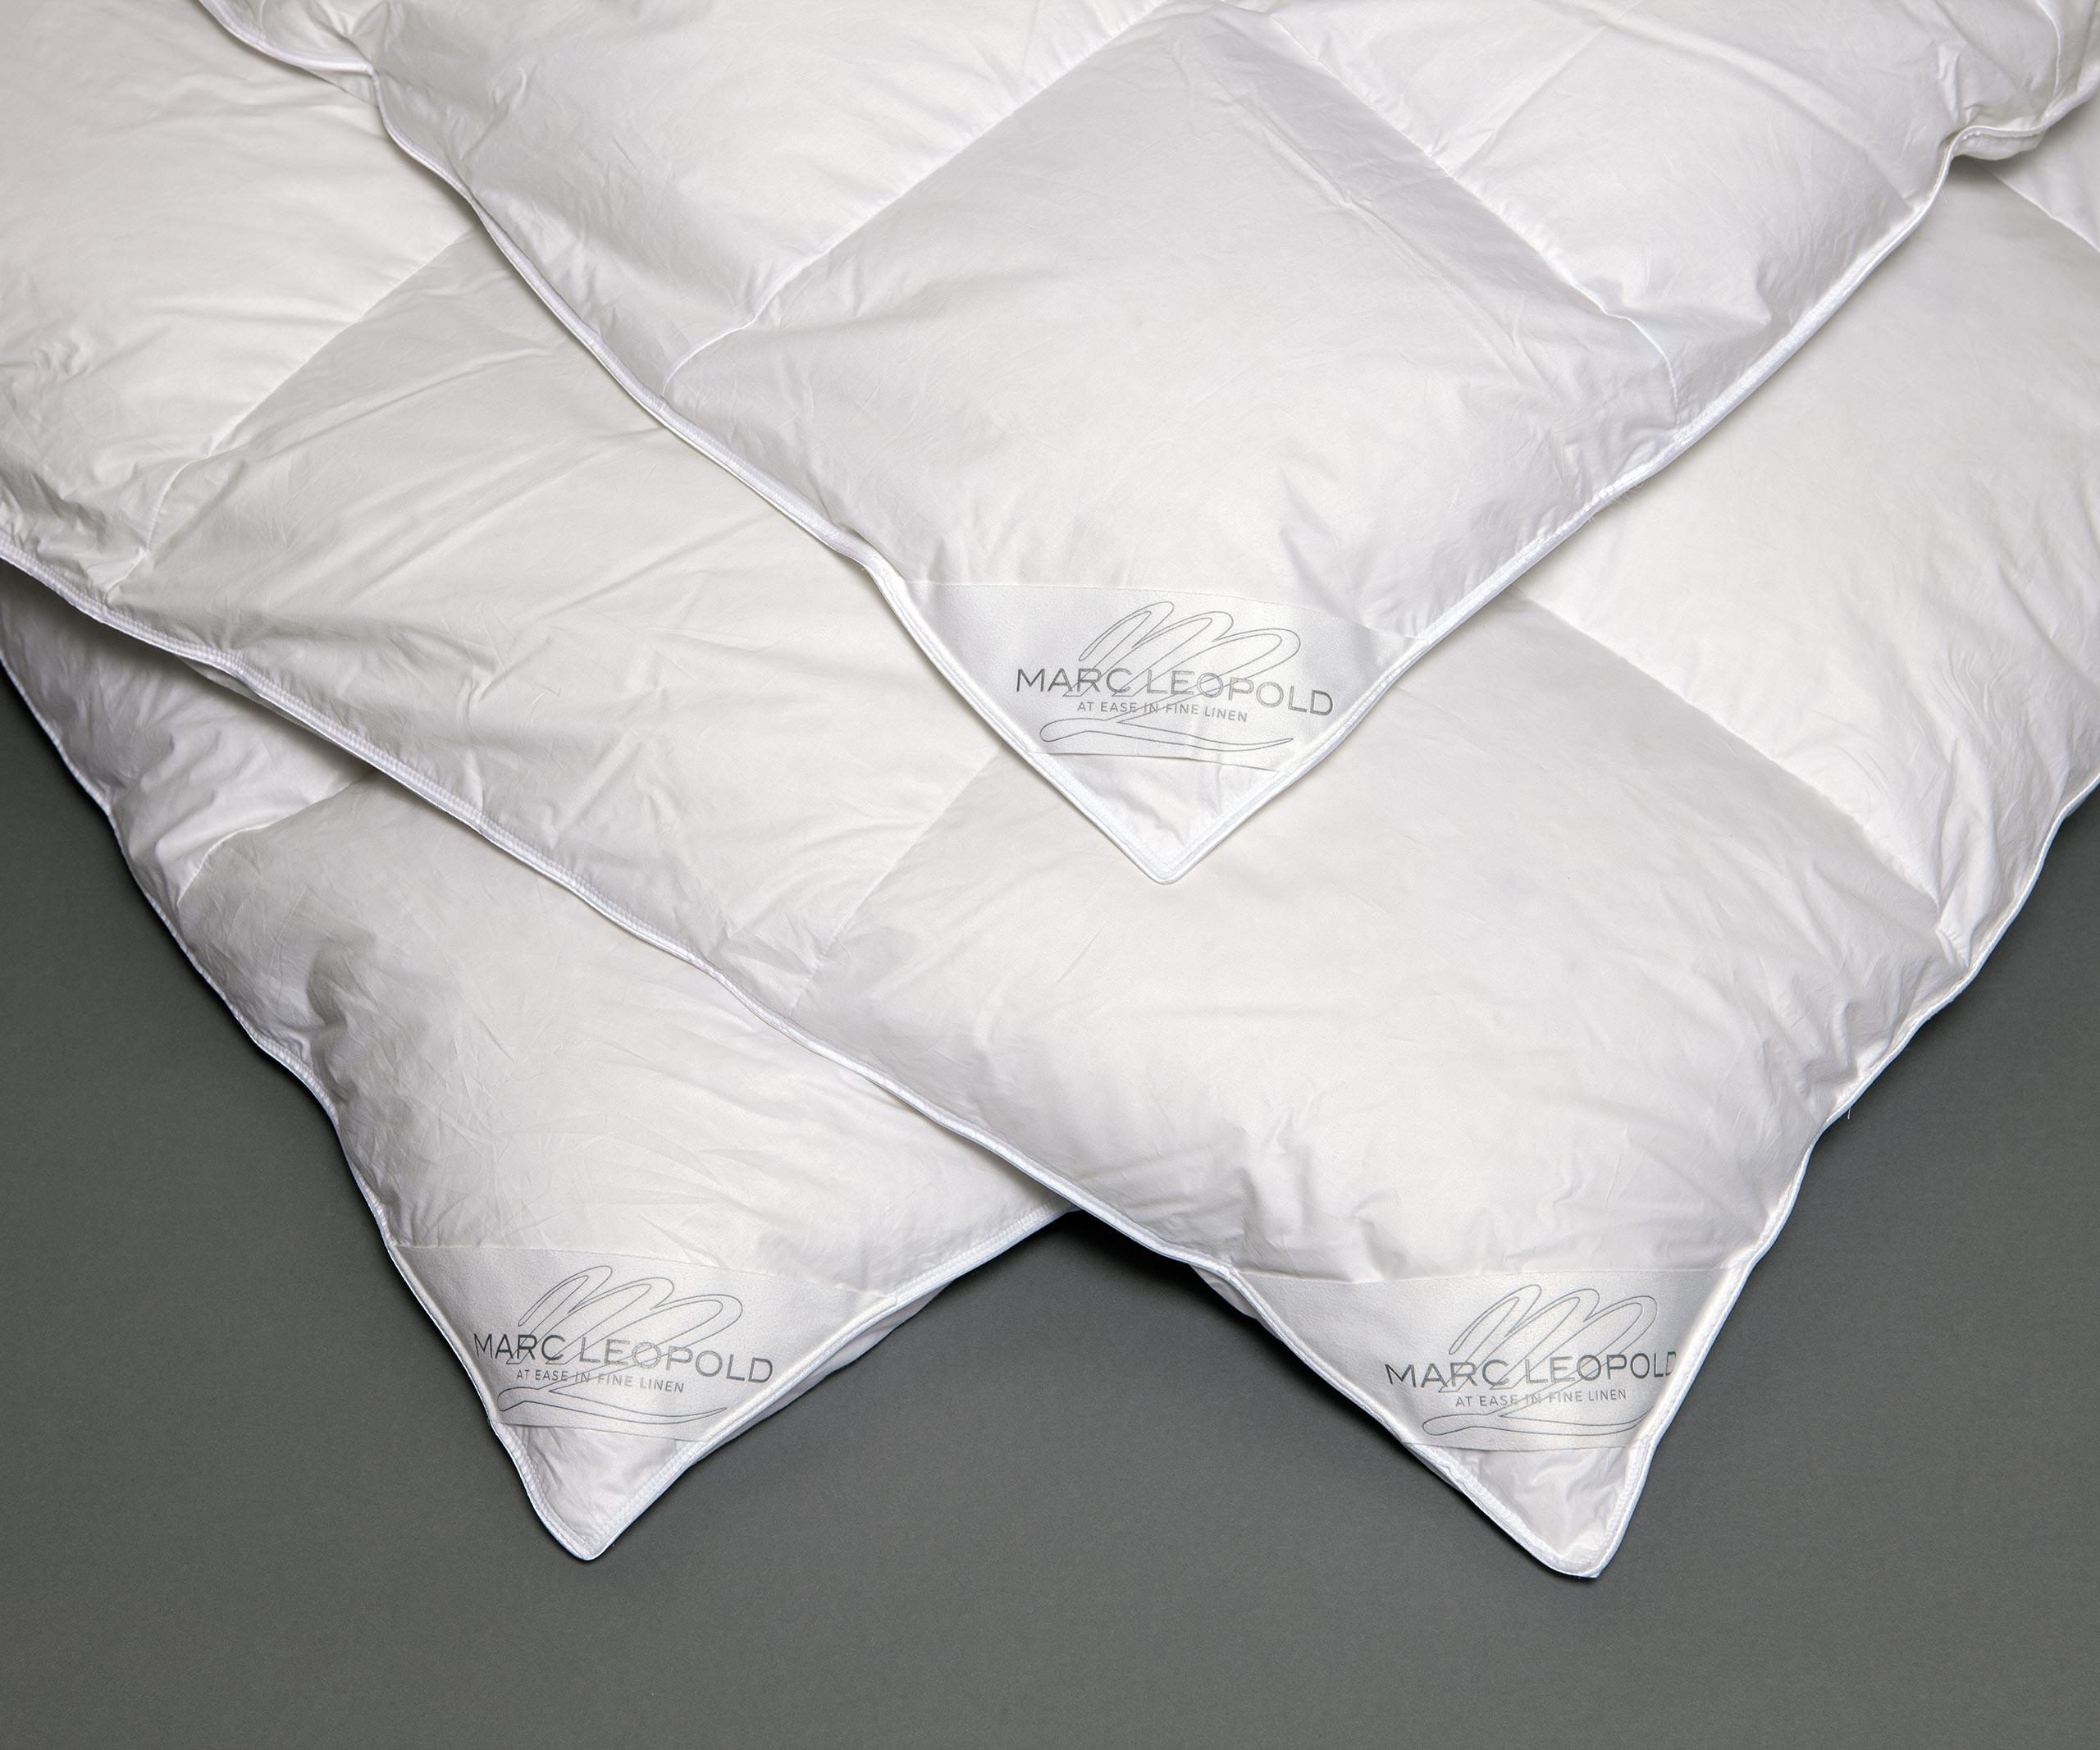 bettdecken manufaktur raffrollo schlafzimmer estella bettw sche outlet leinen ikea bettdecken. Black Bedroom Furniture Sets. Home Design Ideas